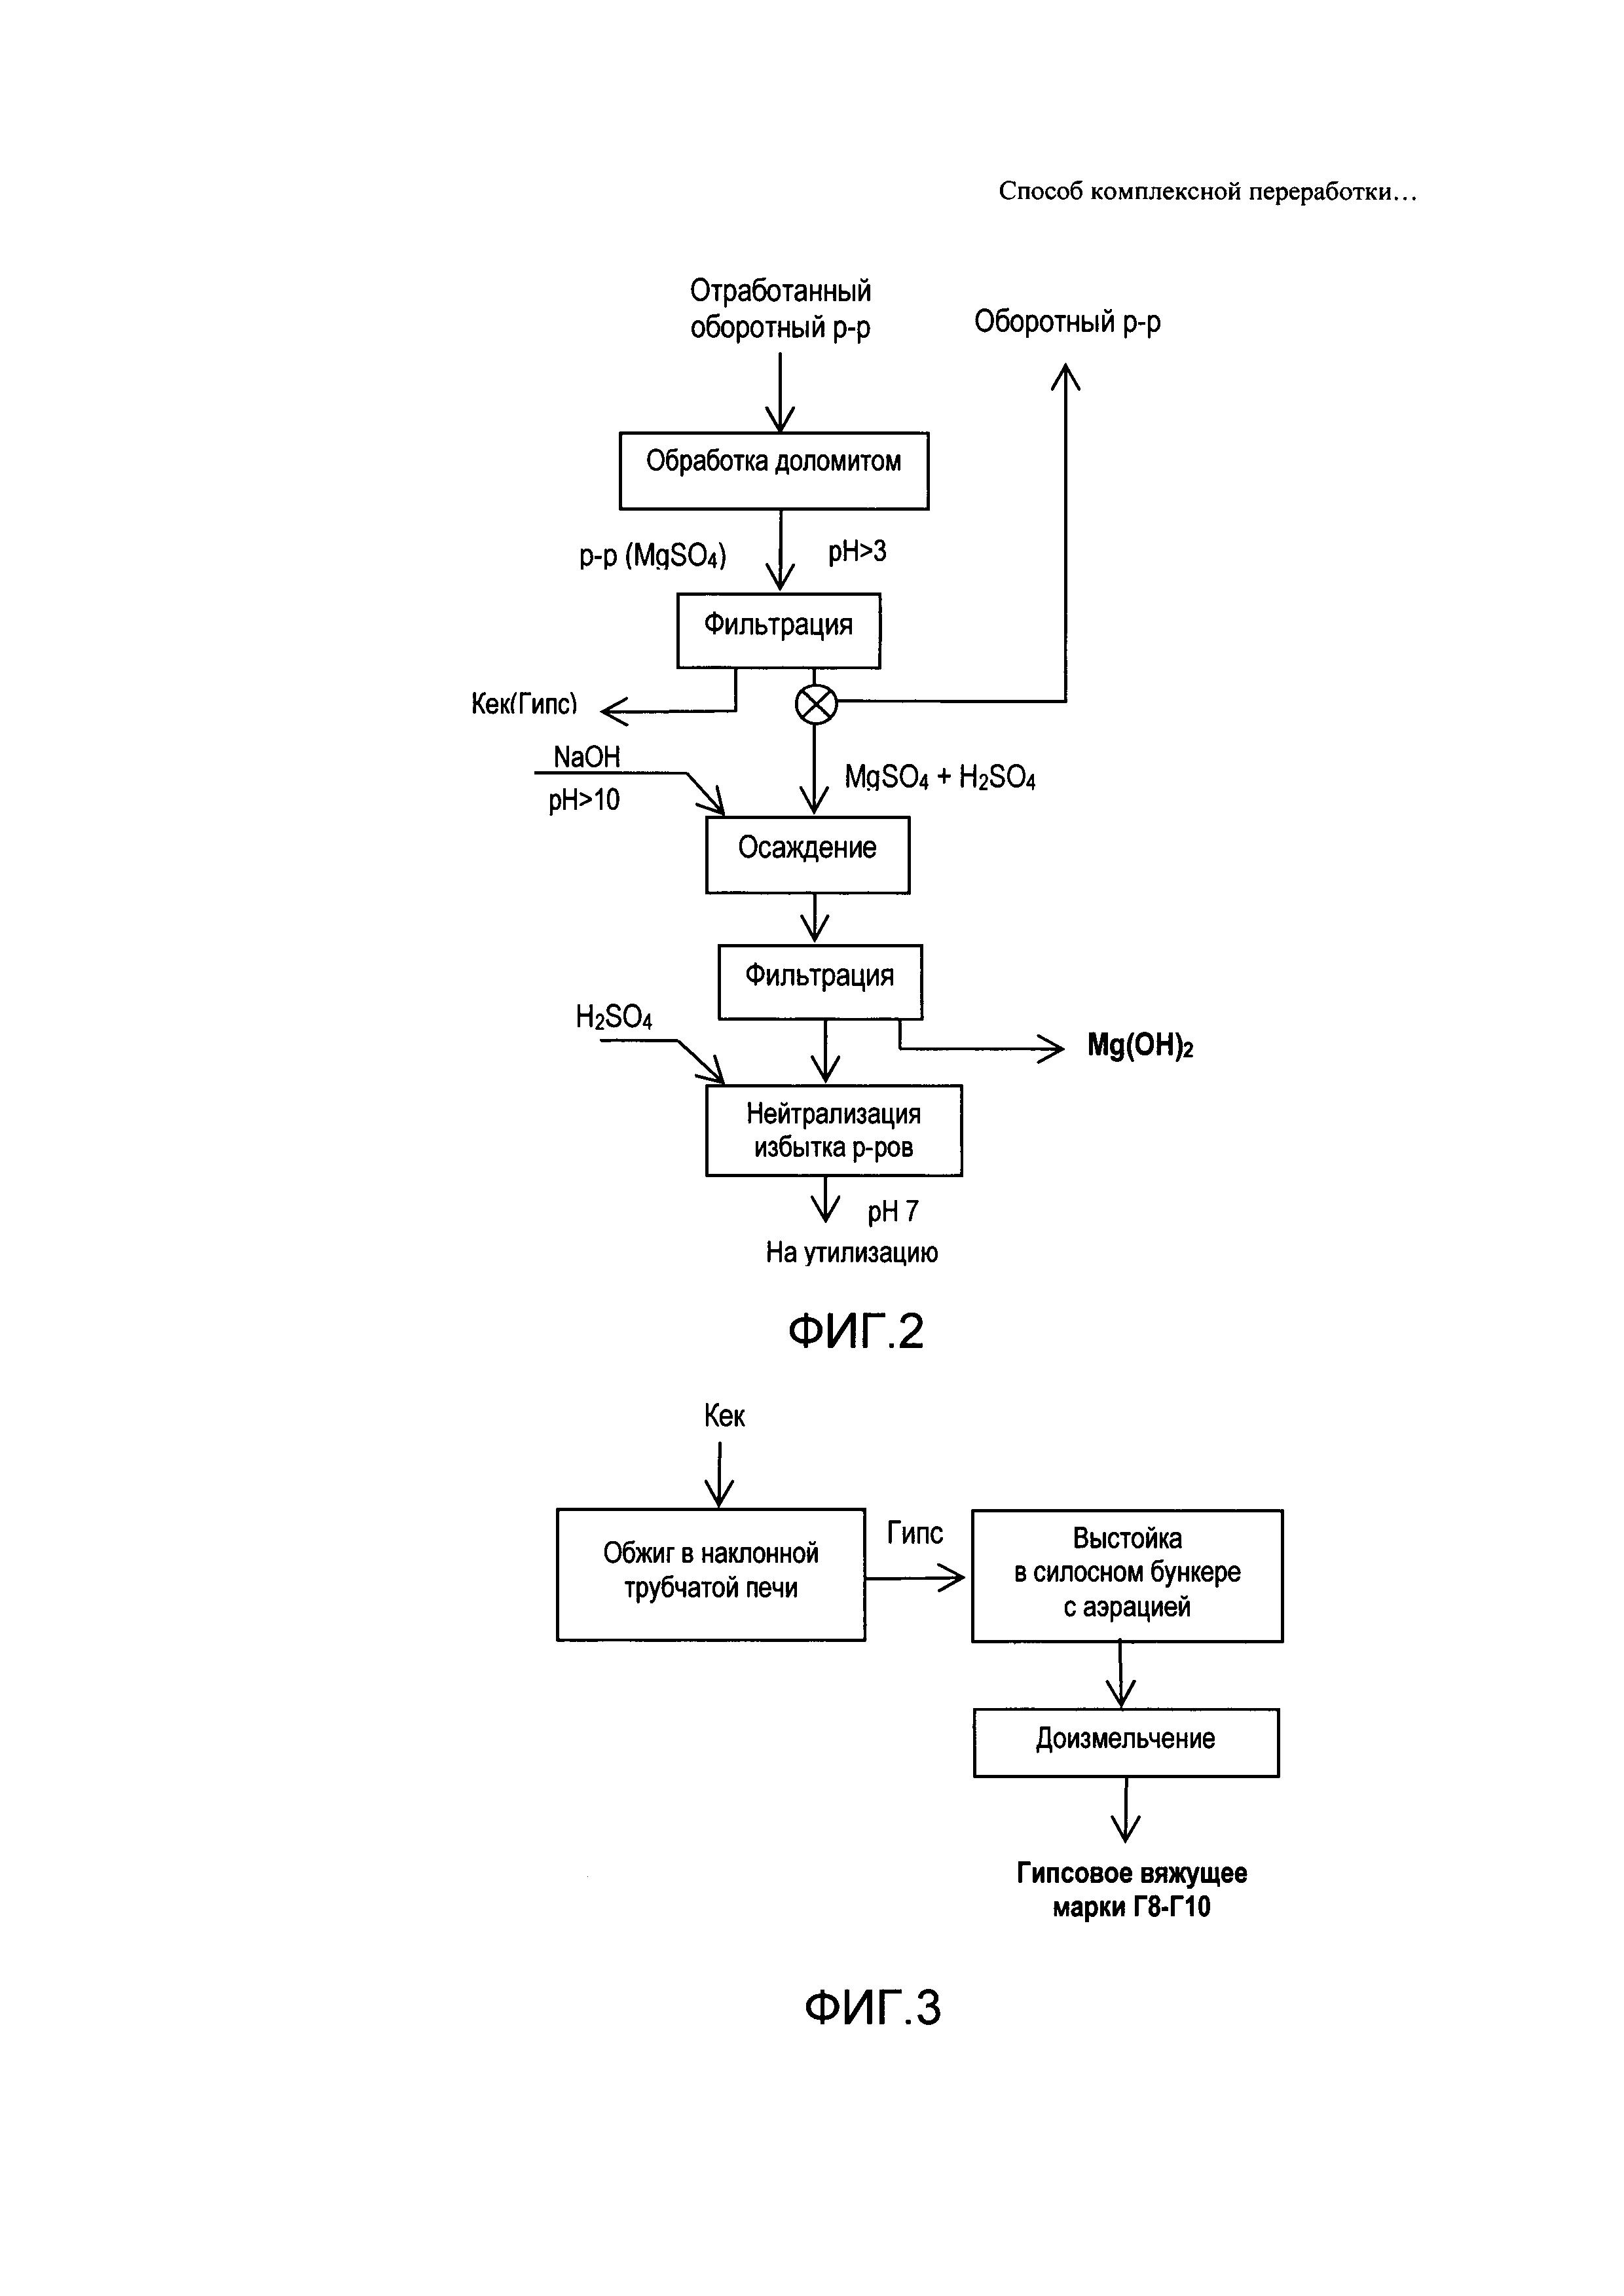 Способ комплексной переработки фосфогипса